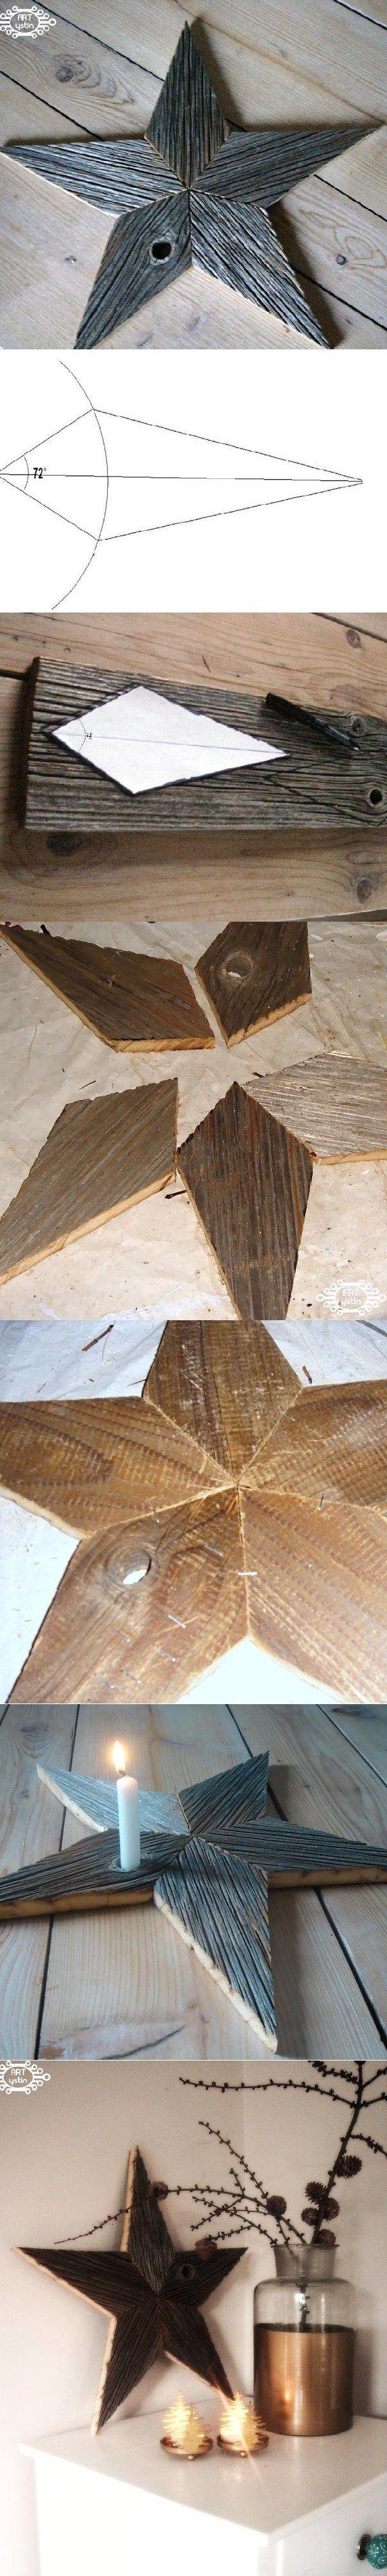 gwiazda ze starej deski-star from the old boards http://ystinowo.blogspot.com/2013/12/pomys-na-gwiazde-z-deski-diy.html